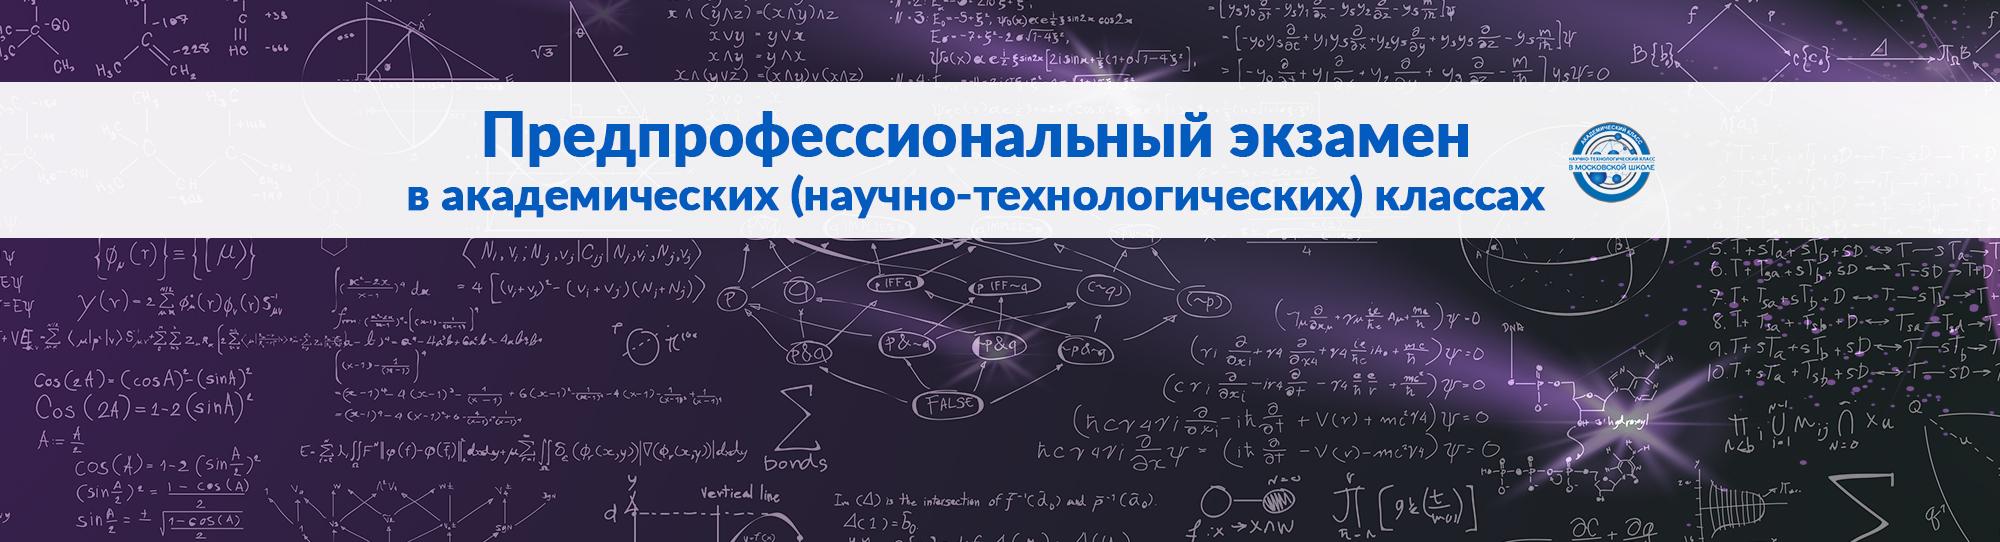 Предпрофессиональный экзамен в академических (научно-технологических) классах291